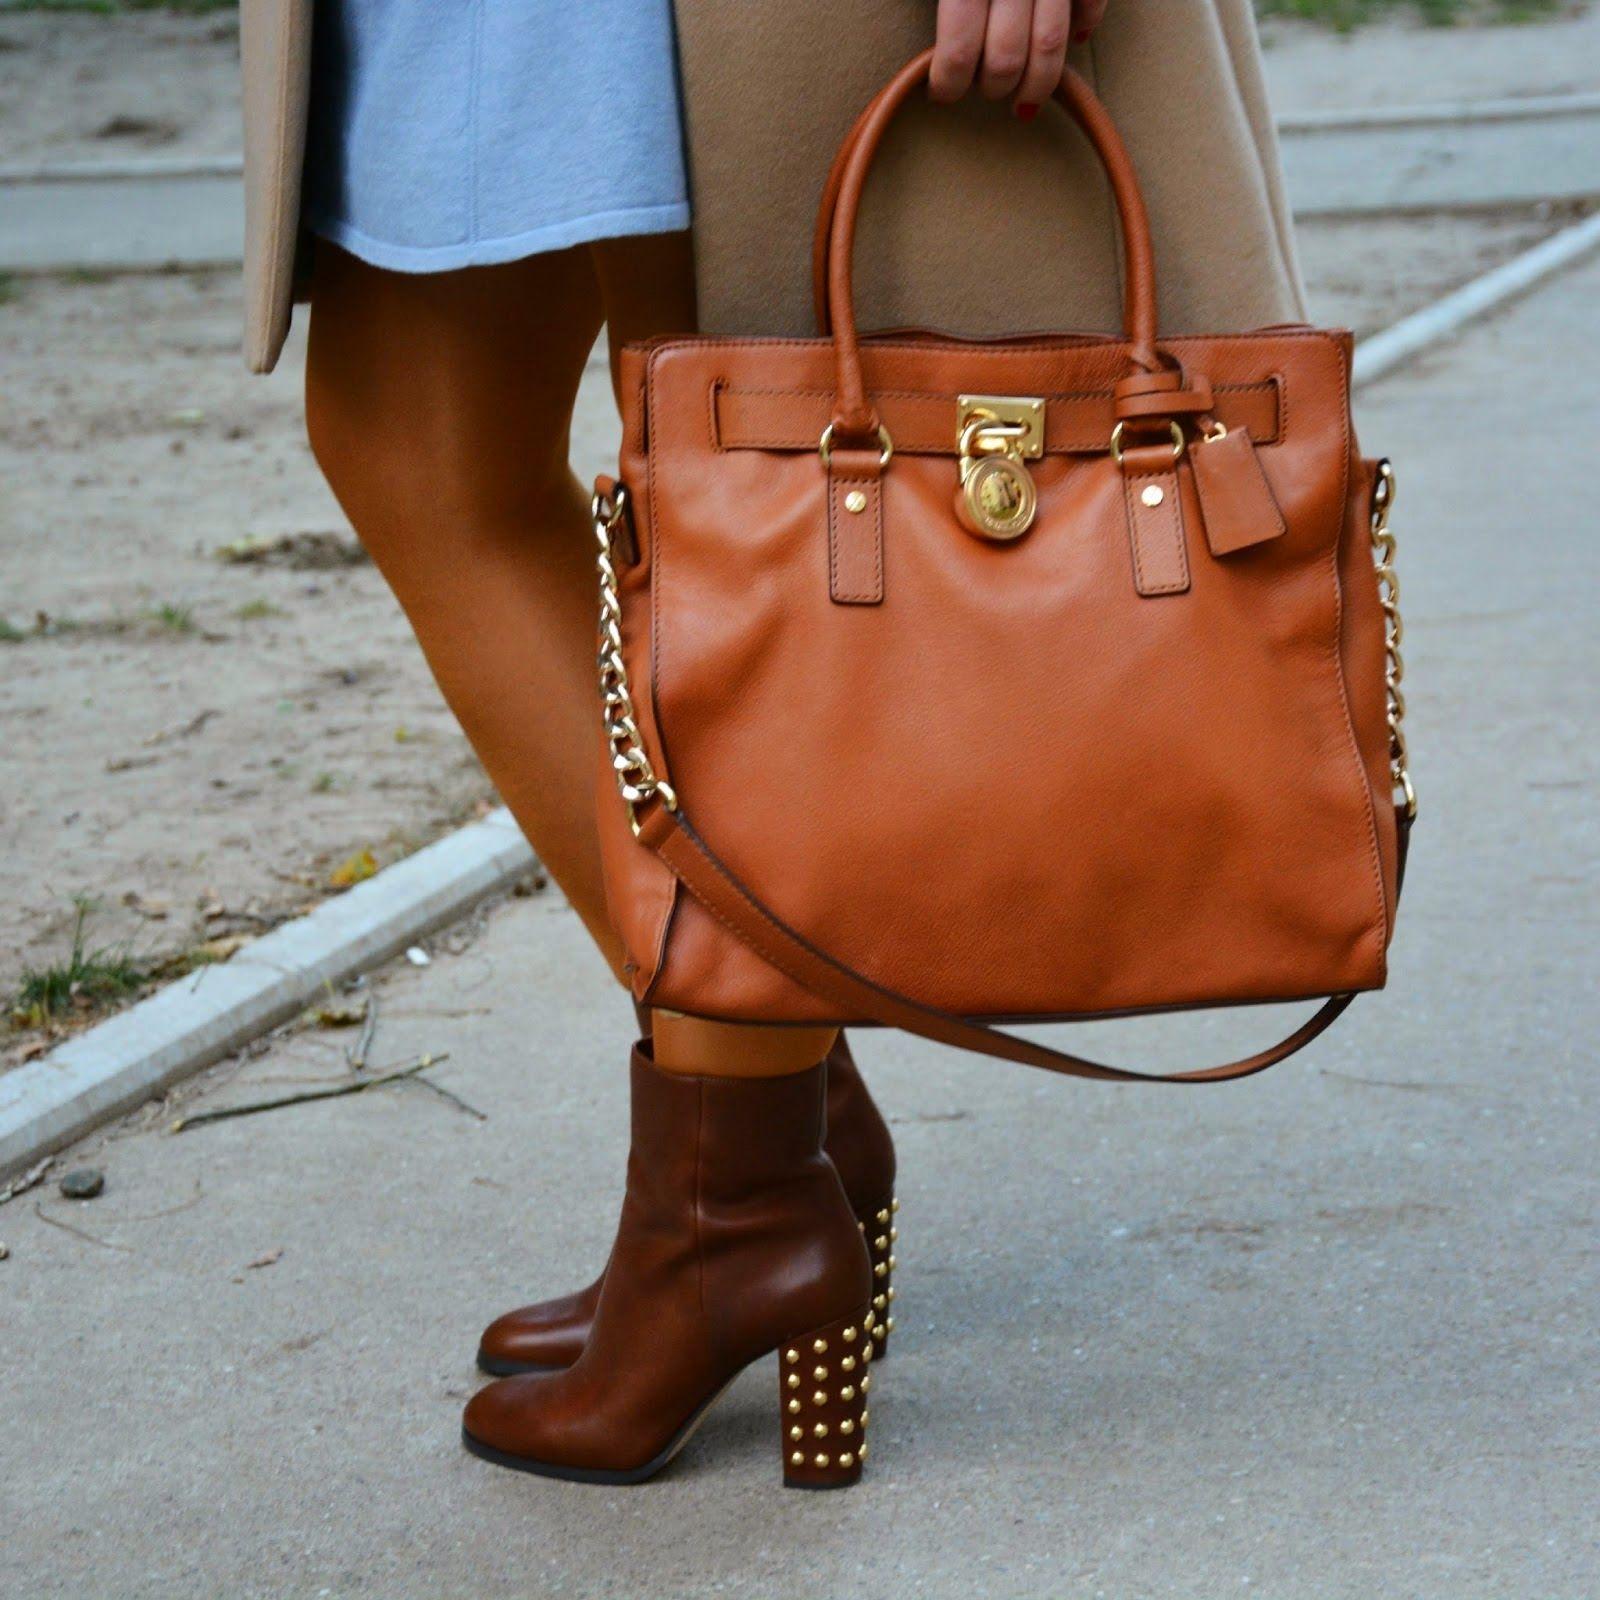 Michael Kors Bag and Boots